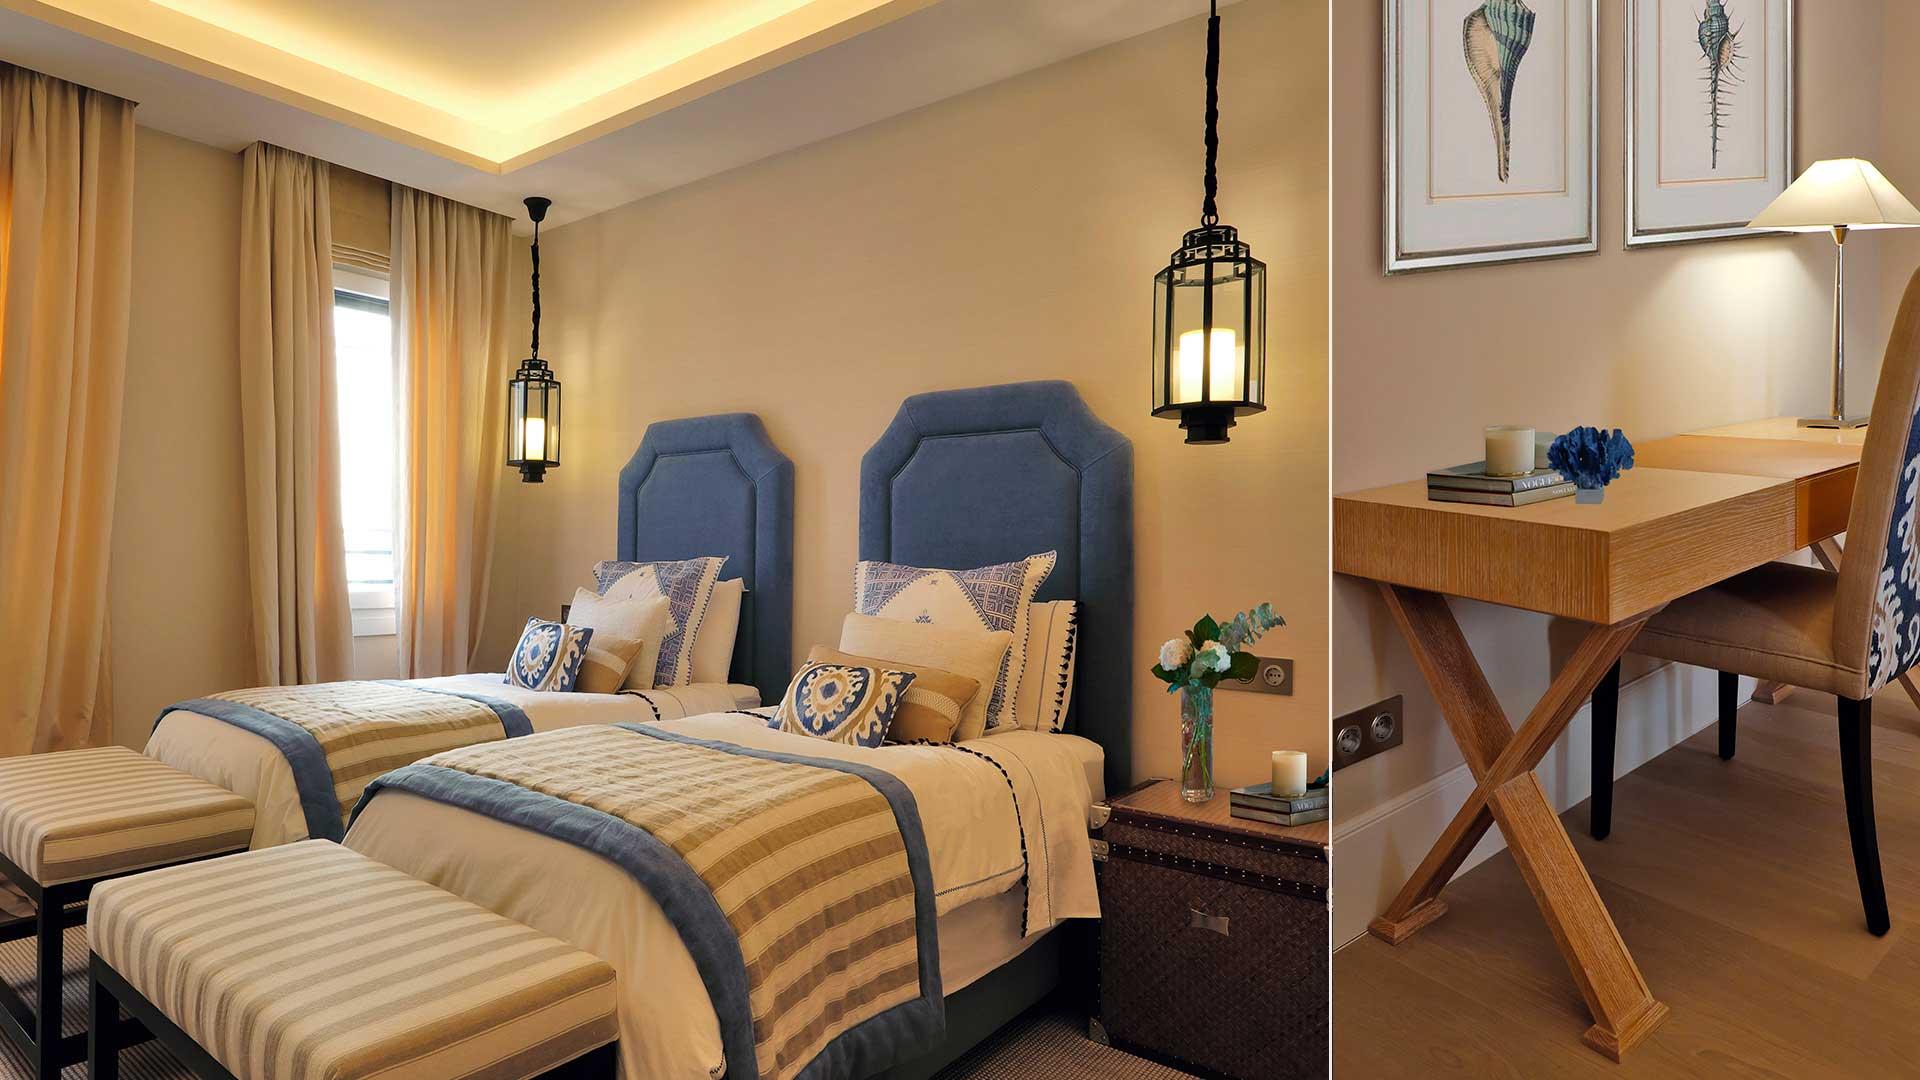 MADRID-FAMILY-APARTMENT-09-Dome-interior-design-Geneve-Suisse